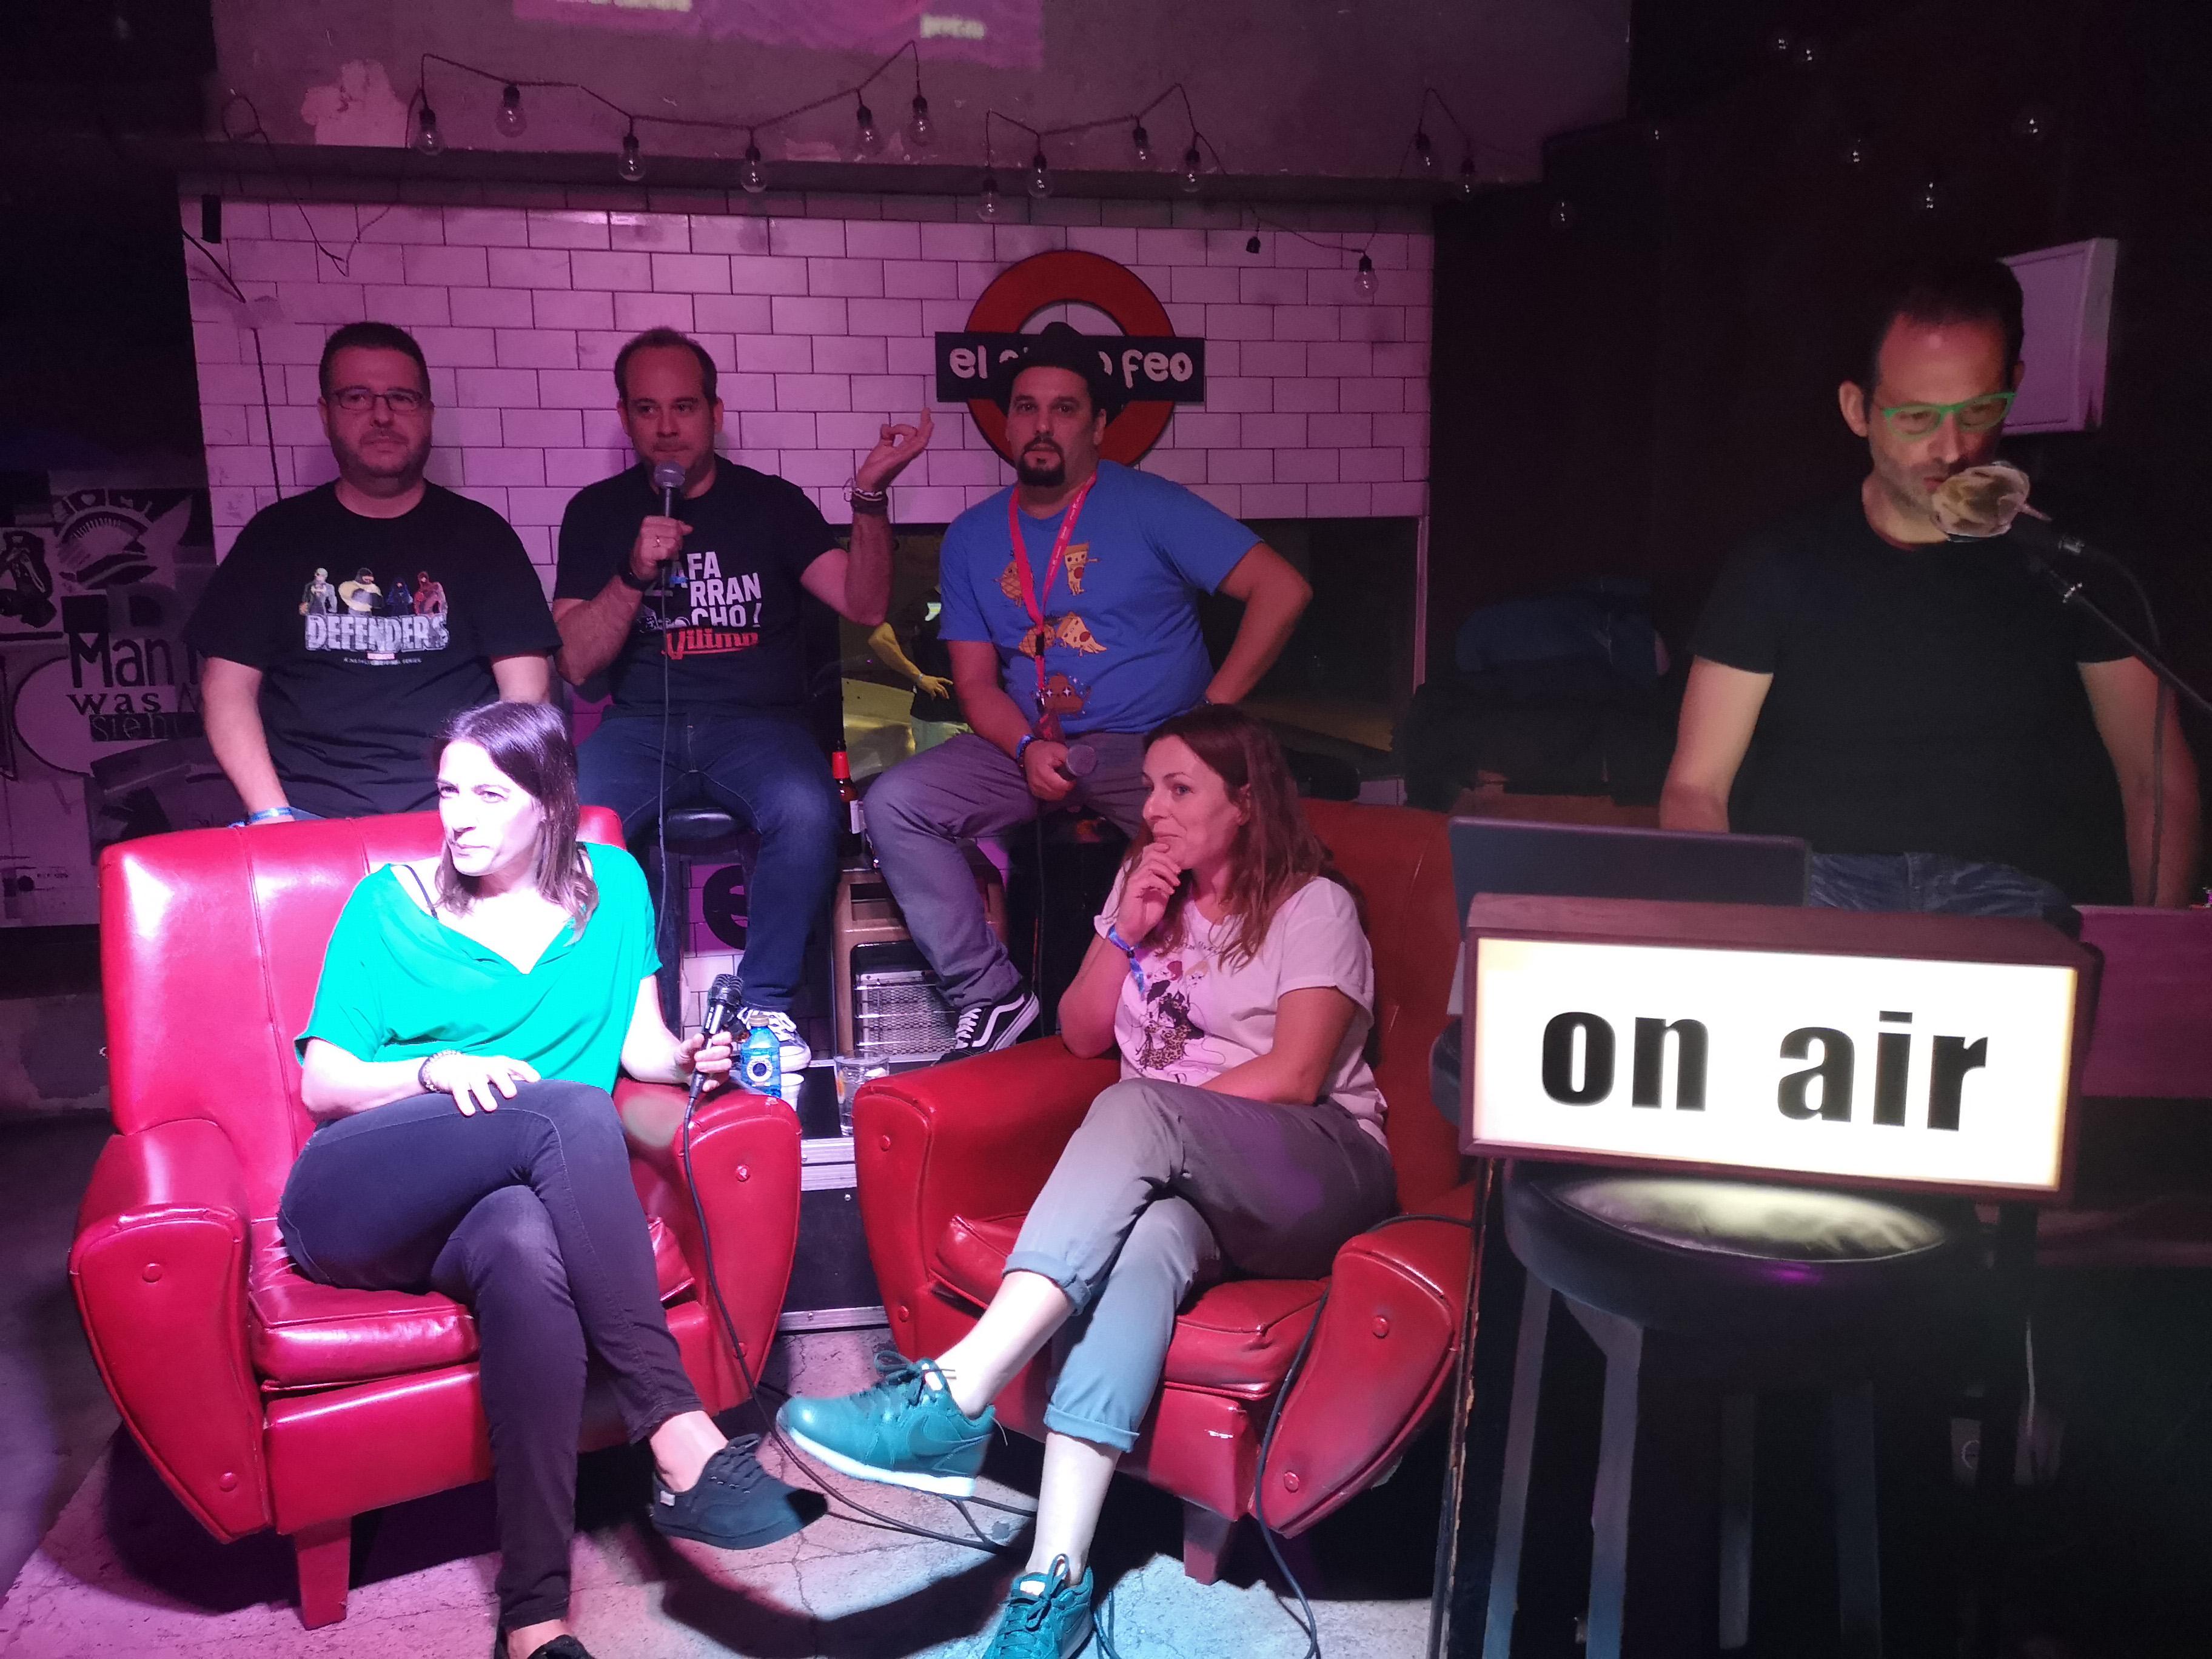 Wichito, Álvaro Martín, Richie Fintano, Pepa, Quiles y Óliver Oliva en directo en El chico feo. Segunda de las Podnights Madrid especial JPOD18.